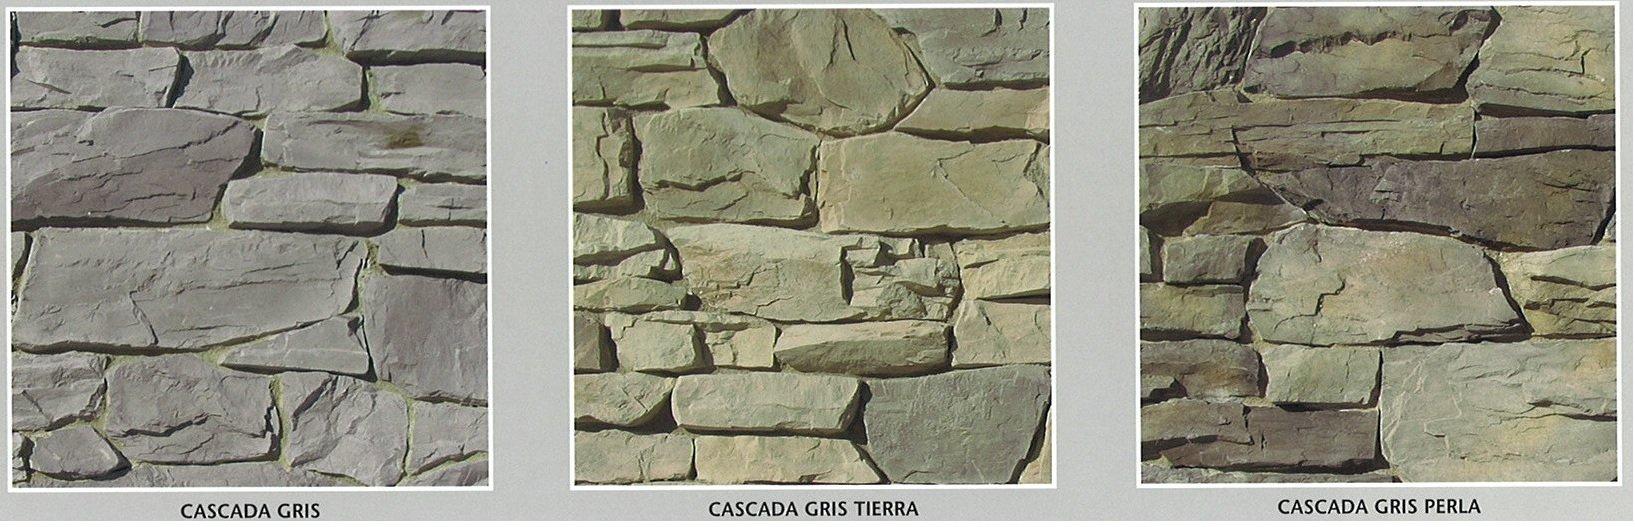 piedra cultivada cascada modelos 2